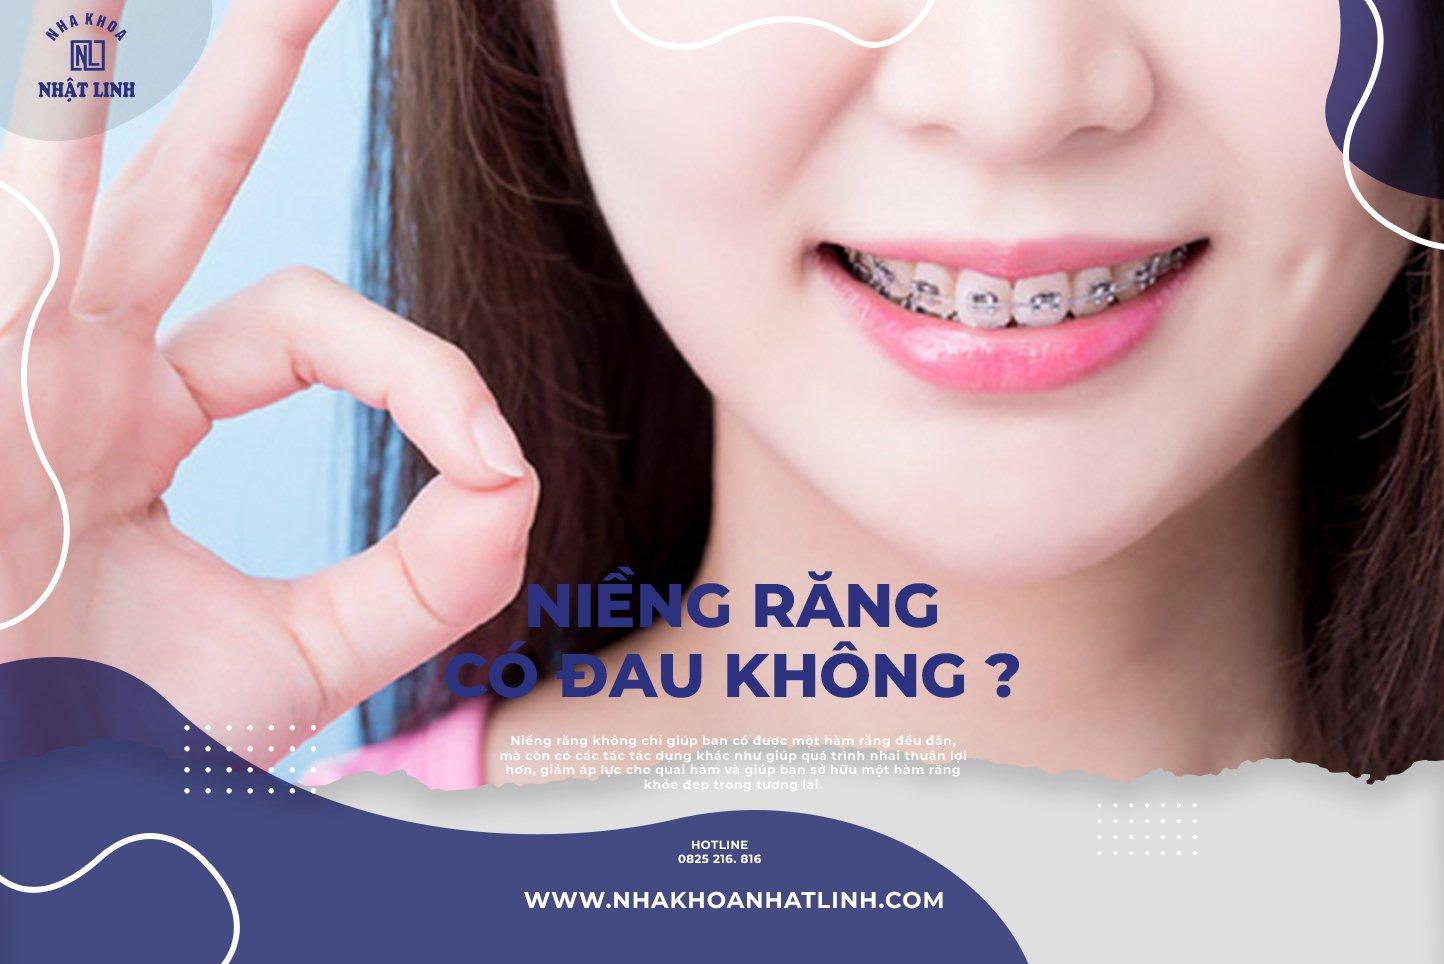 Với các kỹ thuật và máy móc hiện đại. Việc niềng răng ngày nay không còn đau như bạn nghe kể